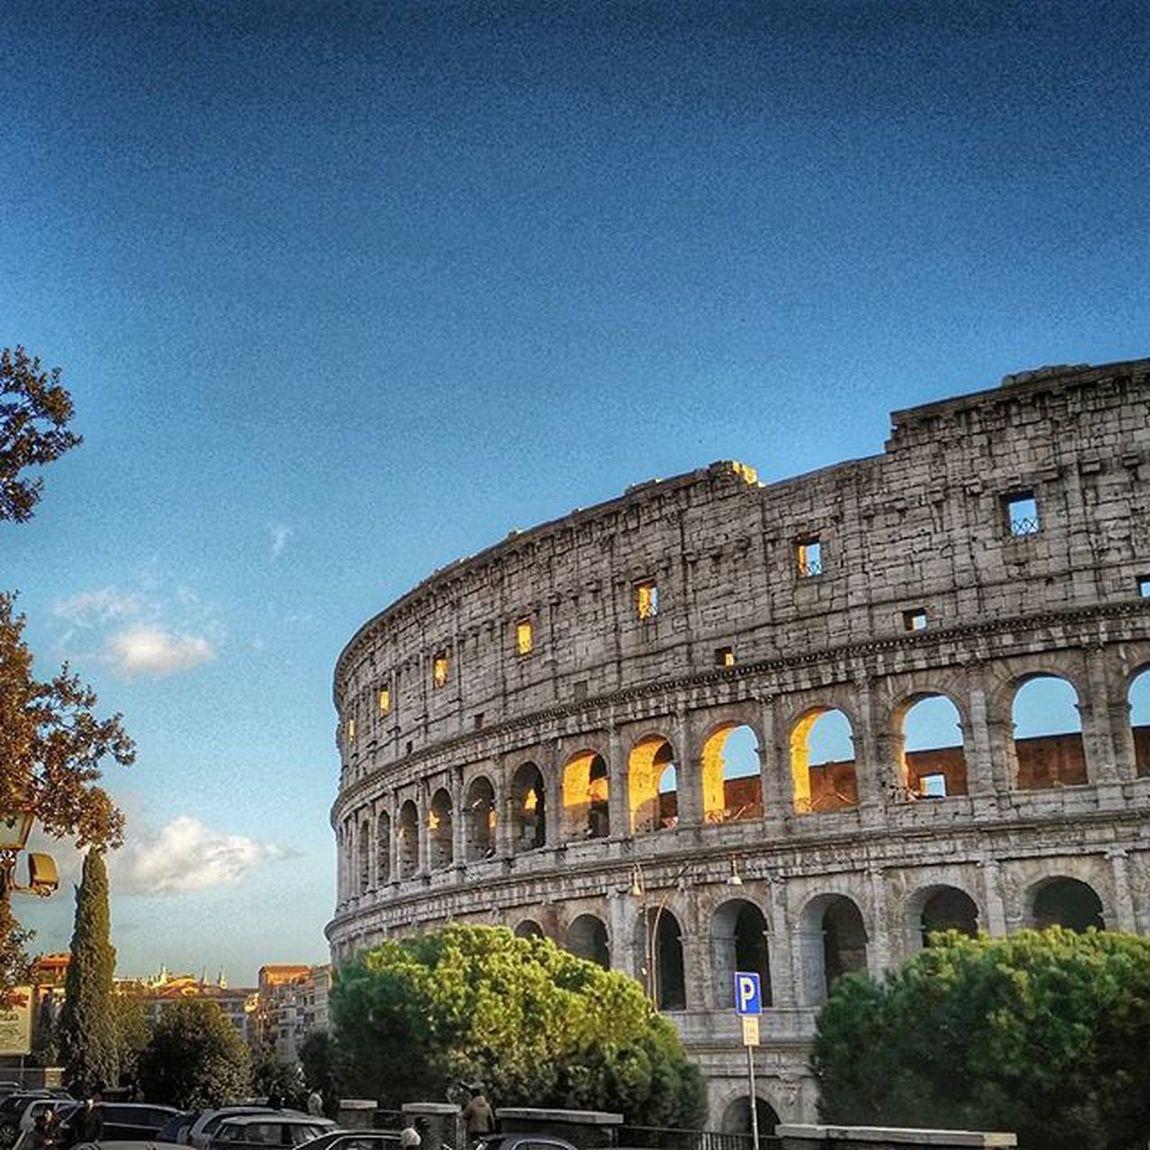 The Colosseum, Rome. Colosseum Rome TheColosseum Italia Italy Italygram